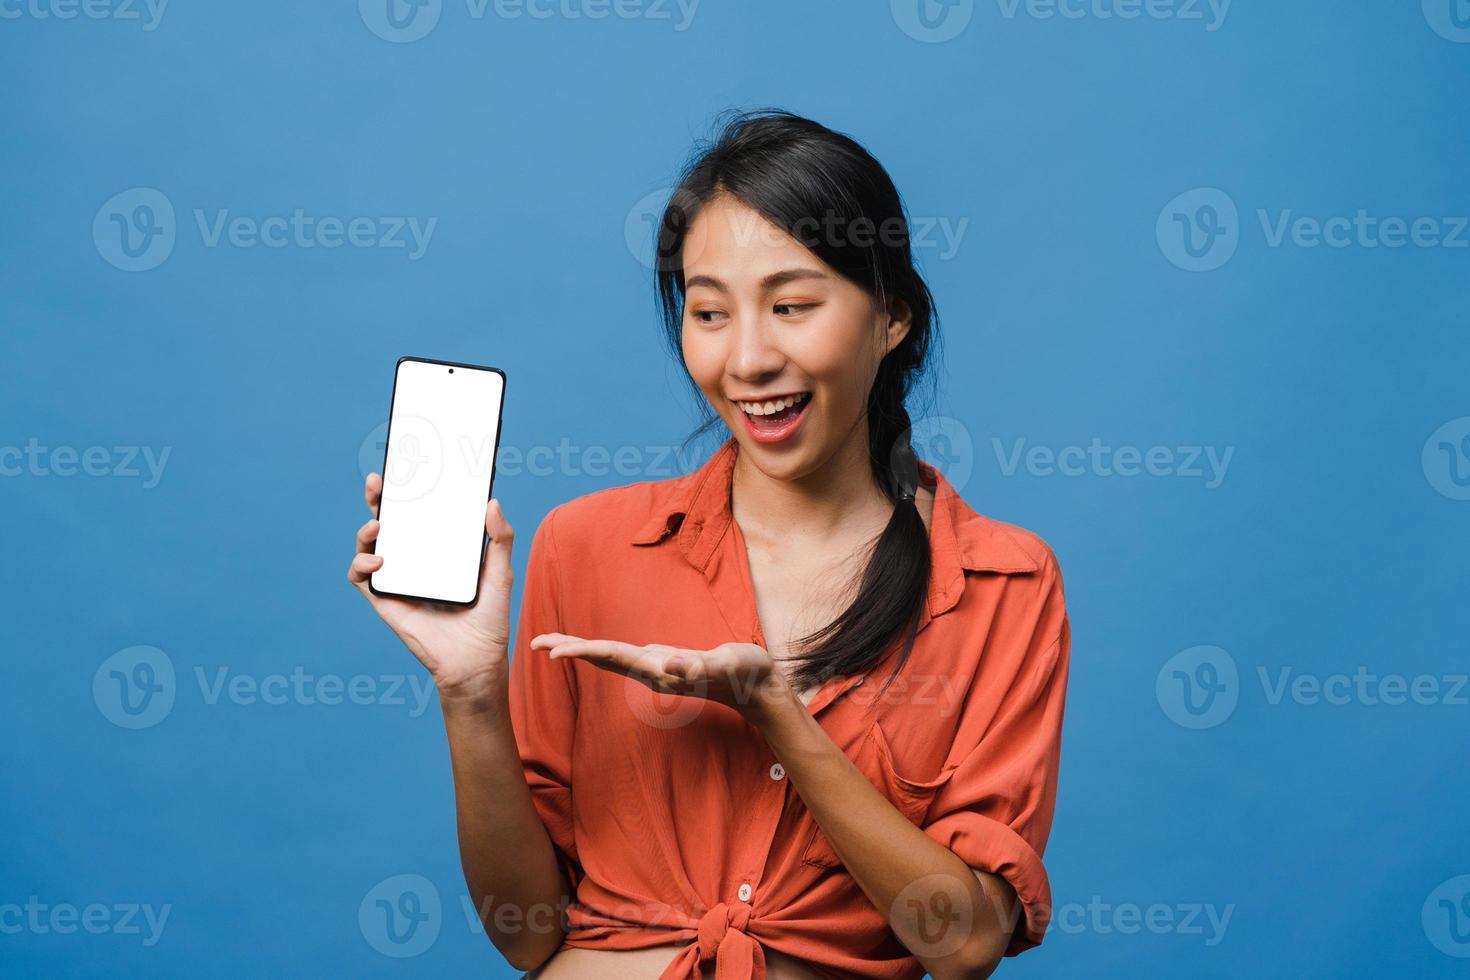 ung asiatisk dam visar tom smartphone -skärm med positivt uttryck, ler brett, klädd i vardagskläder som känner lycka på blå bakgrund. mobiltelefon med vit skärm i kvinnlig hand. foto